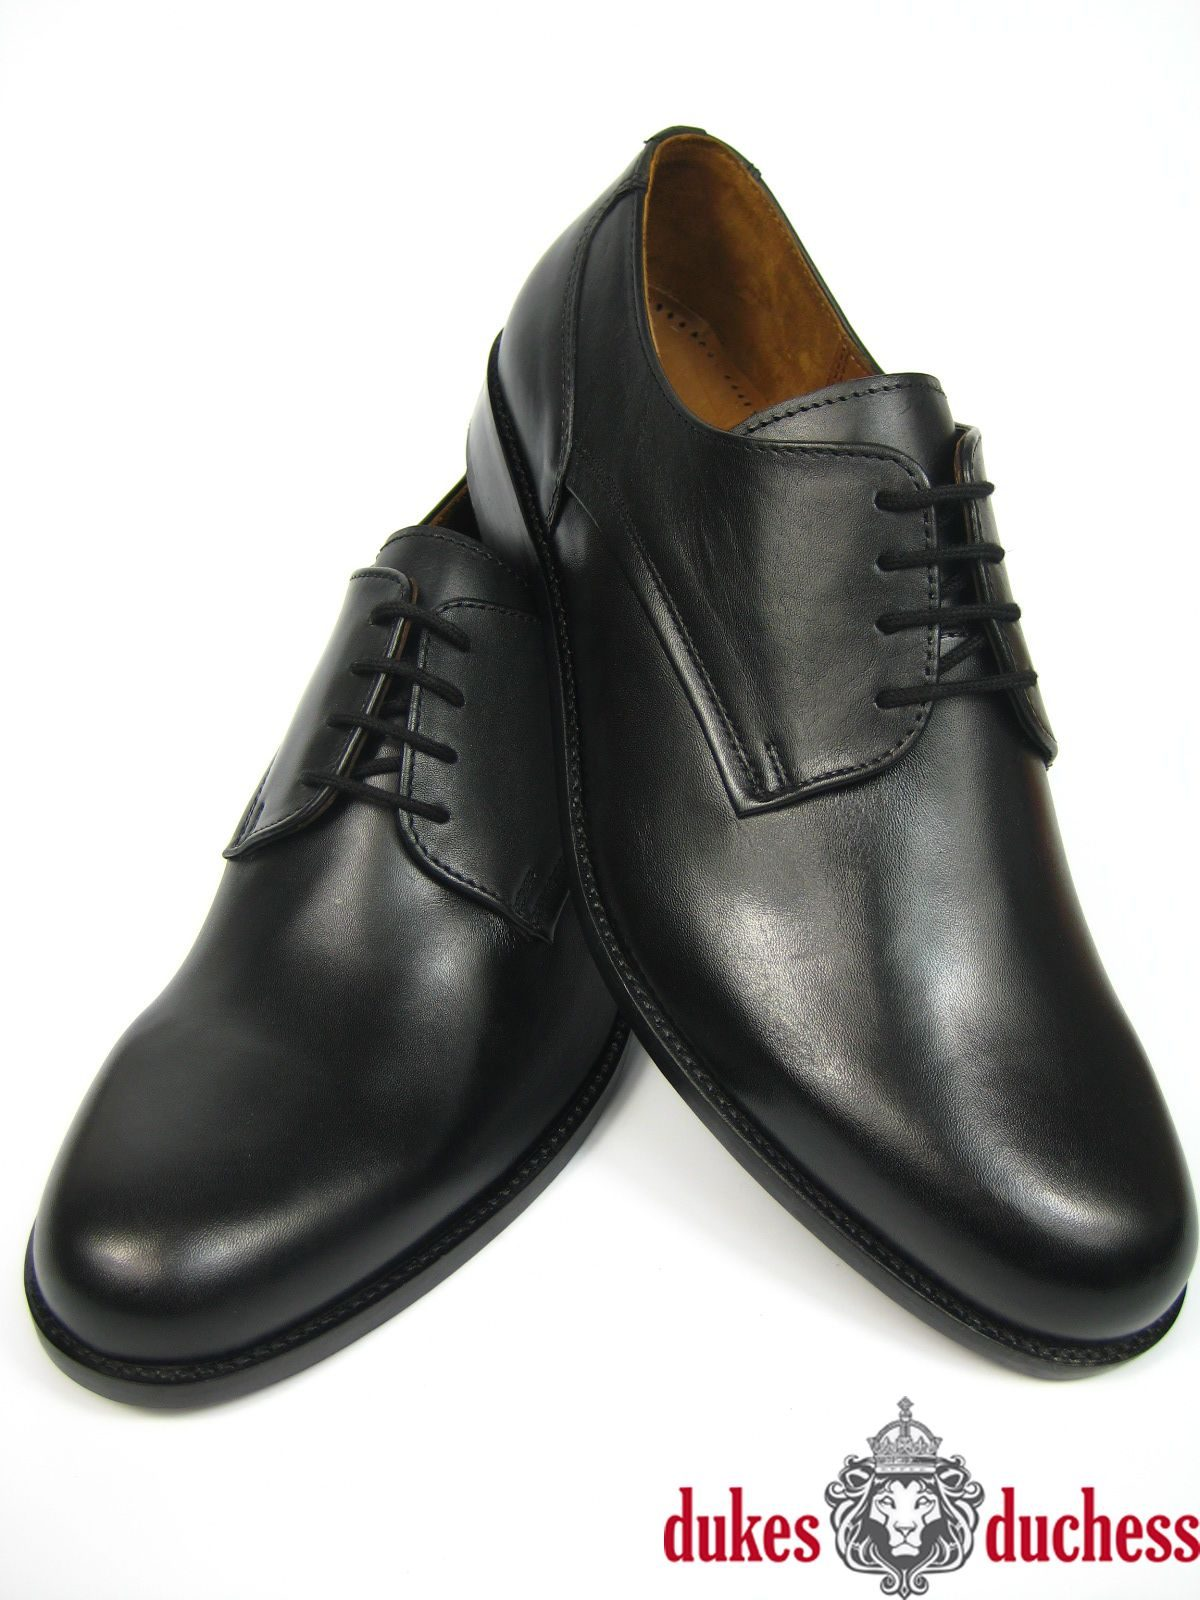 buy online d31ca 5cb27 Manz Herren Business Lederschuhe 162093 K-Weite extra weit schwarz Plain  Derby